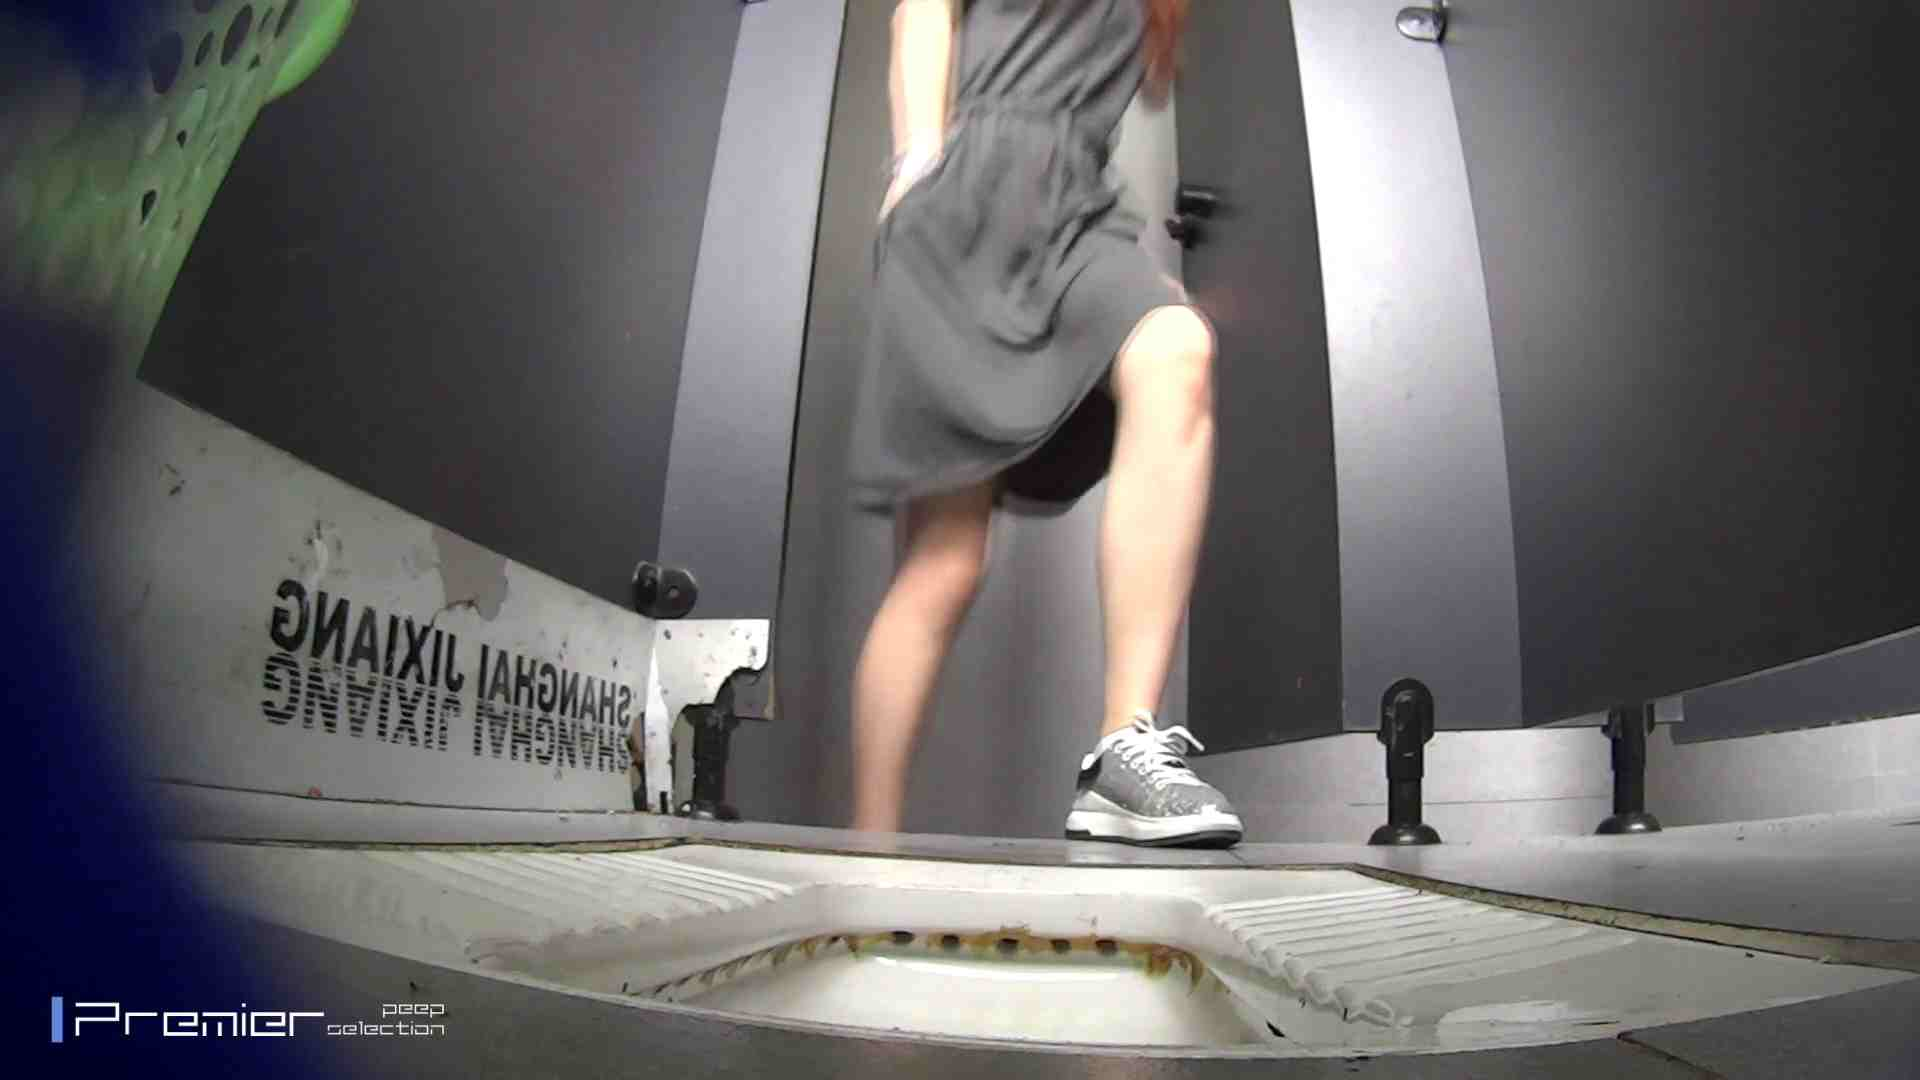 夏全開!ハーフパンツのギャル達 大学休憩時間の洗面所事情44 盗撮 のぞき動画画像 70PIX 34